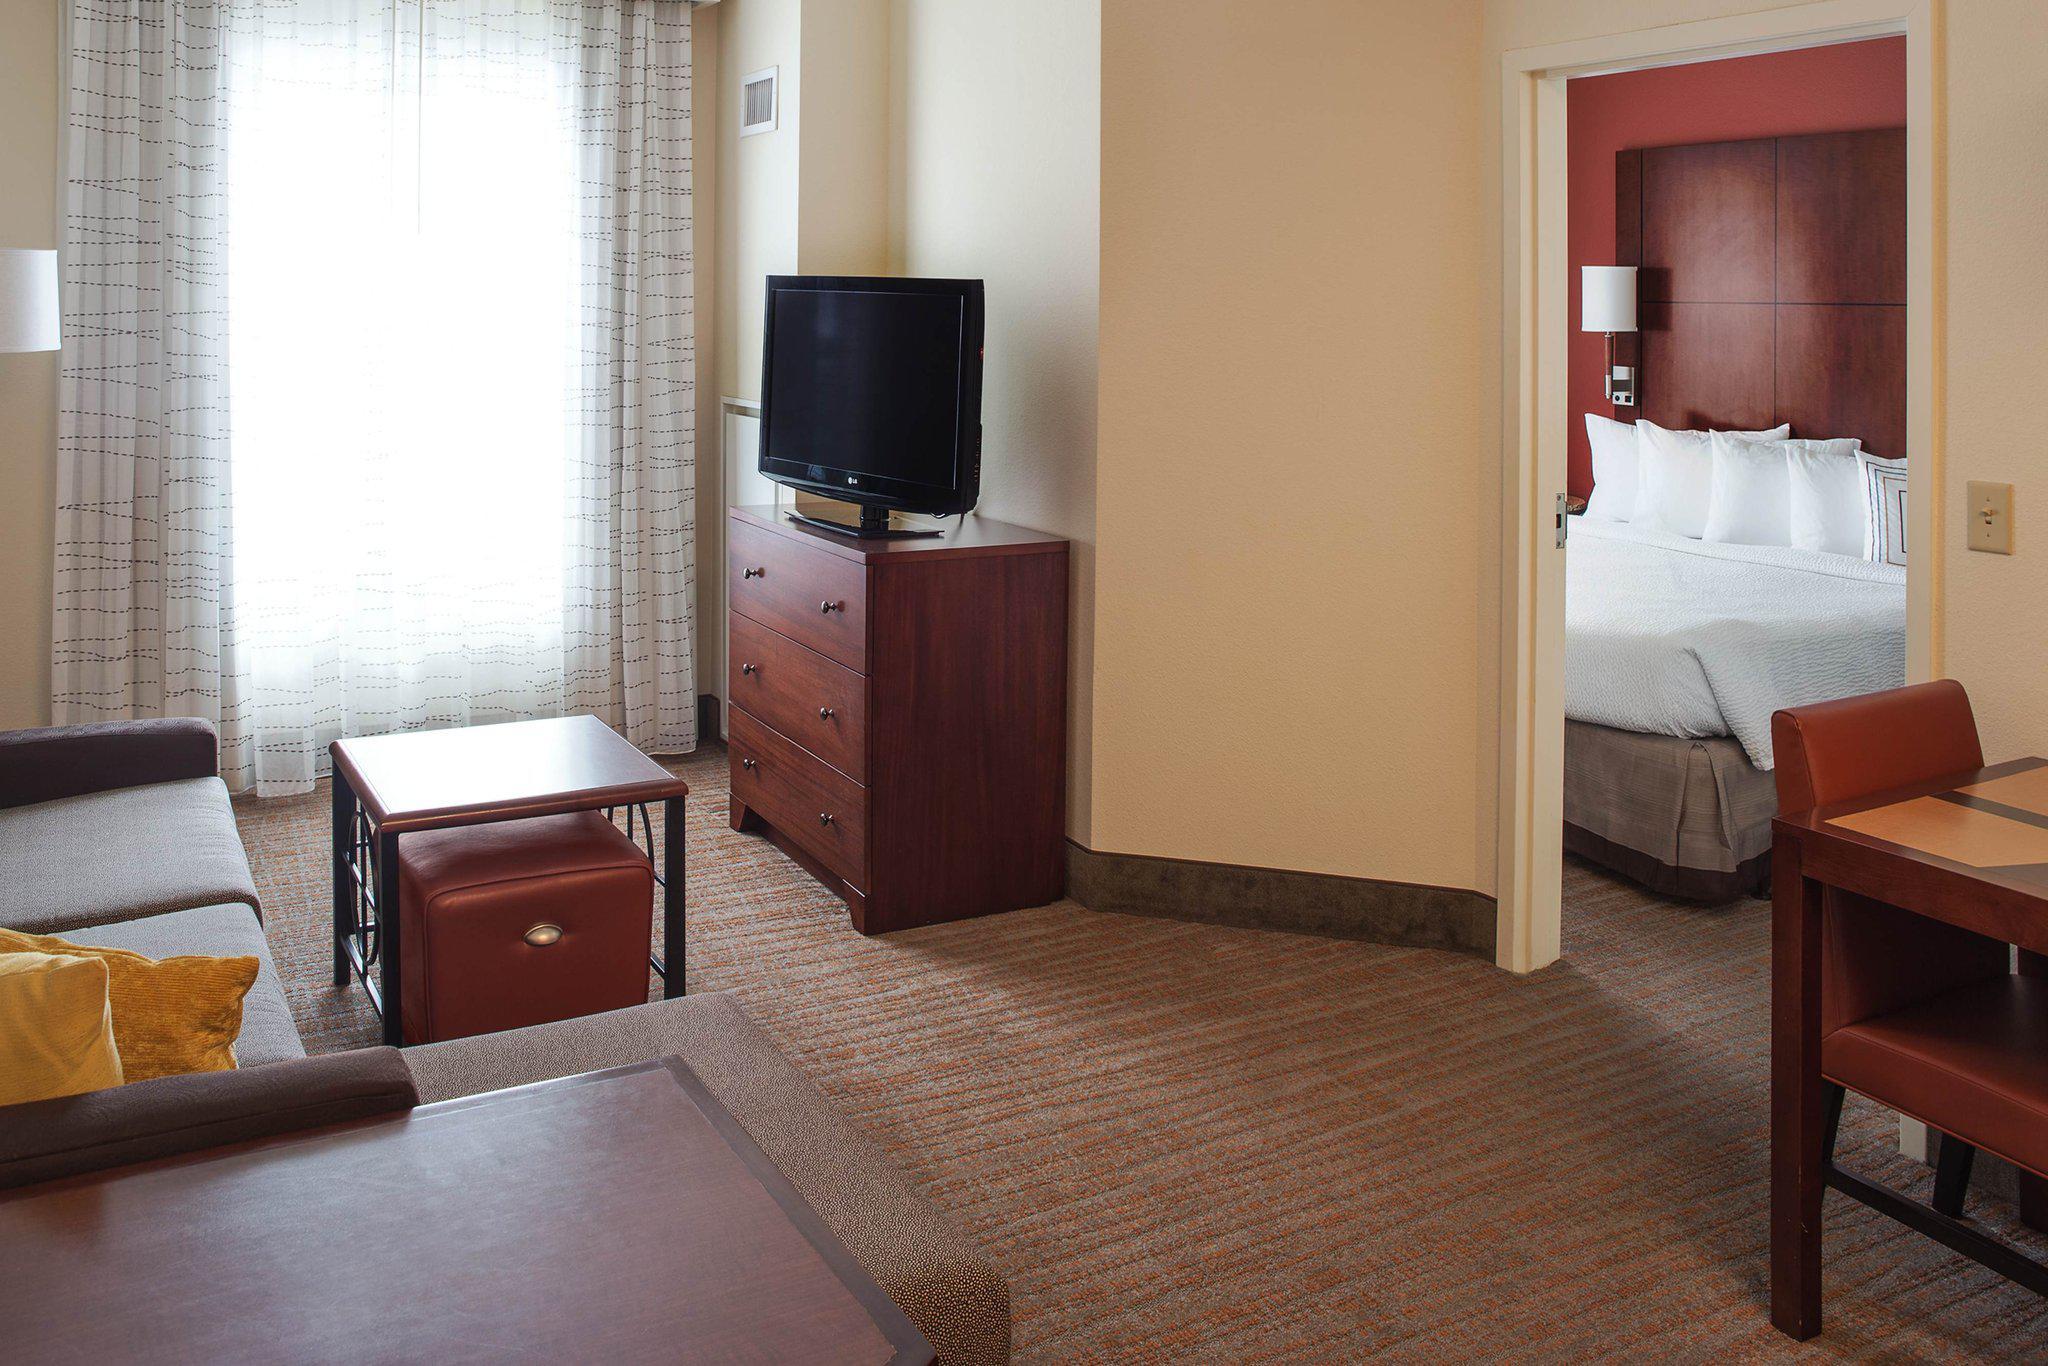 Residence Inn by Marriott Aberdeen at Ripken Stadium